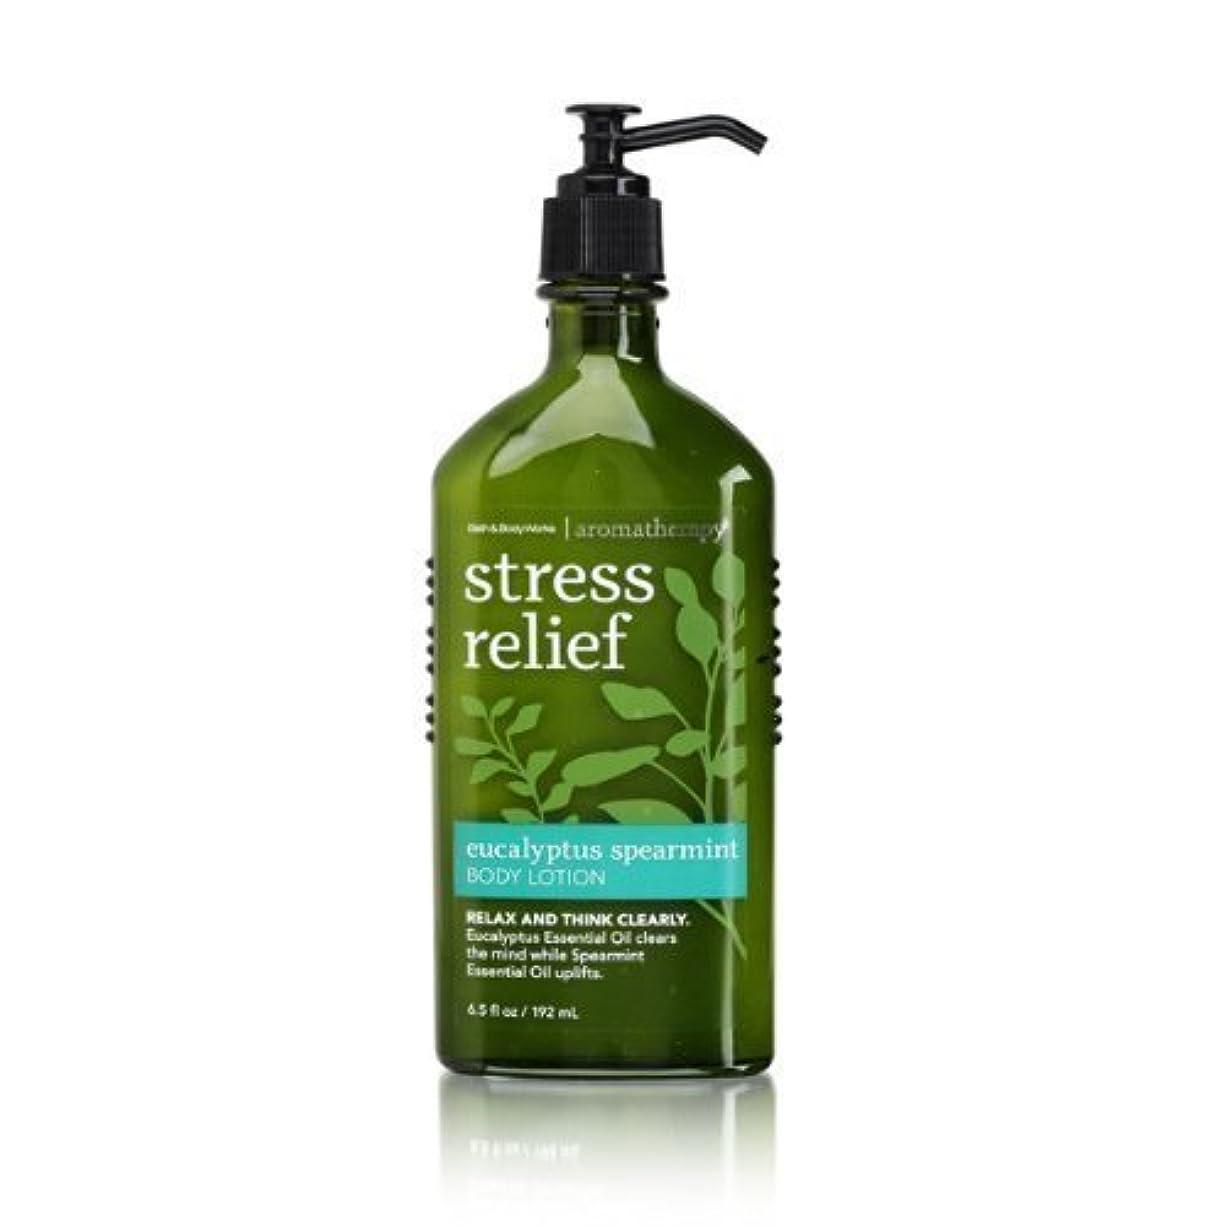 悩みよく話される頼るBath & Body Works Aromatherapy Body Lotion with Free Hand Sanitizer (Eucalyptus Spearmint) [並行輸入品]